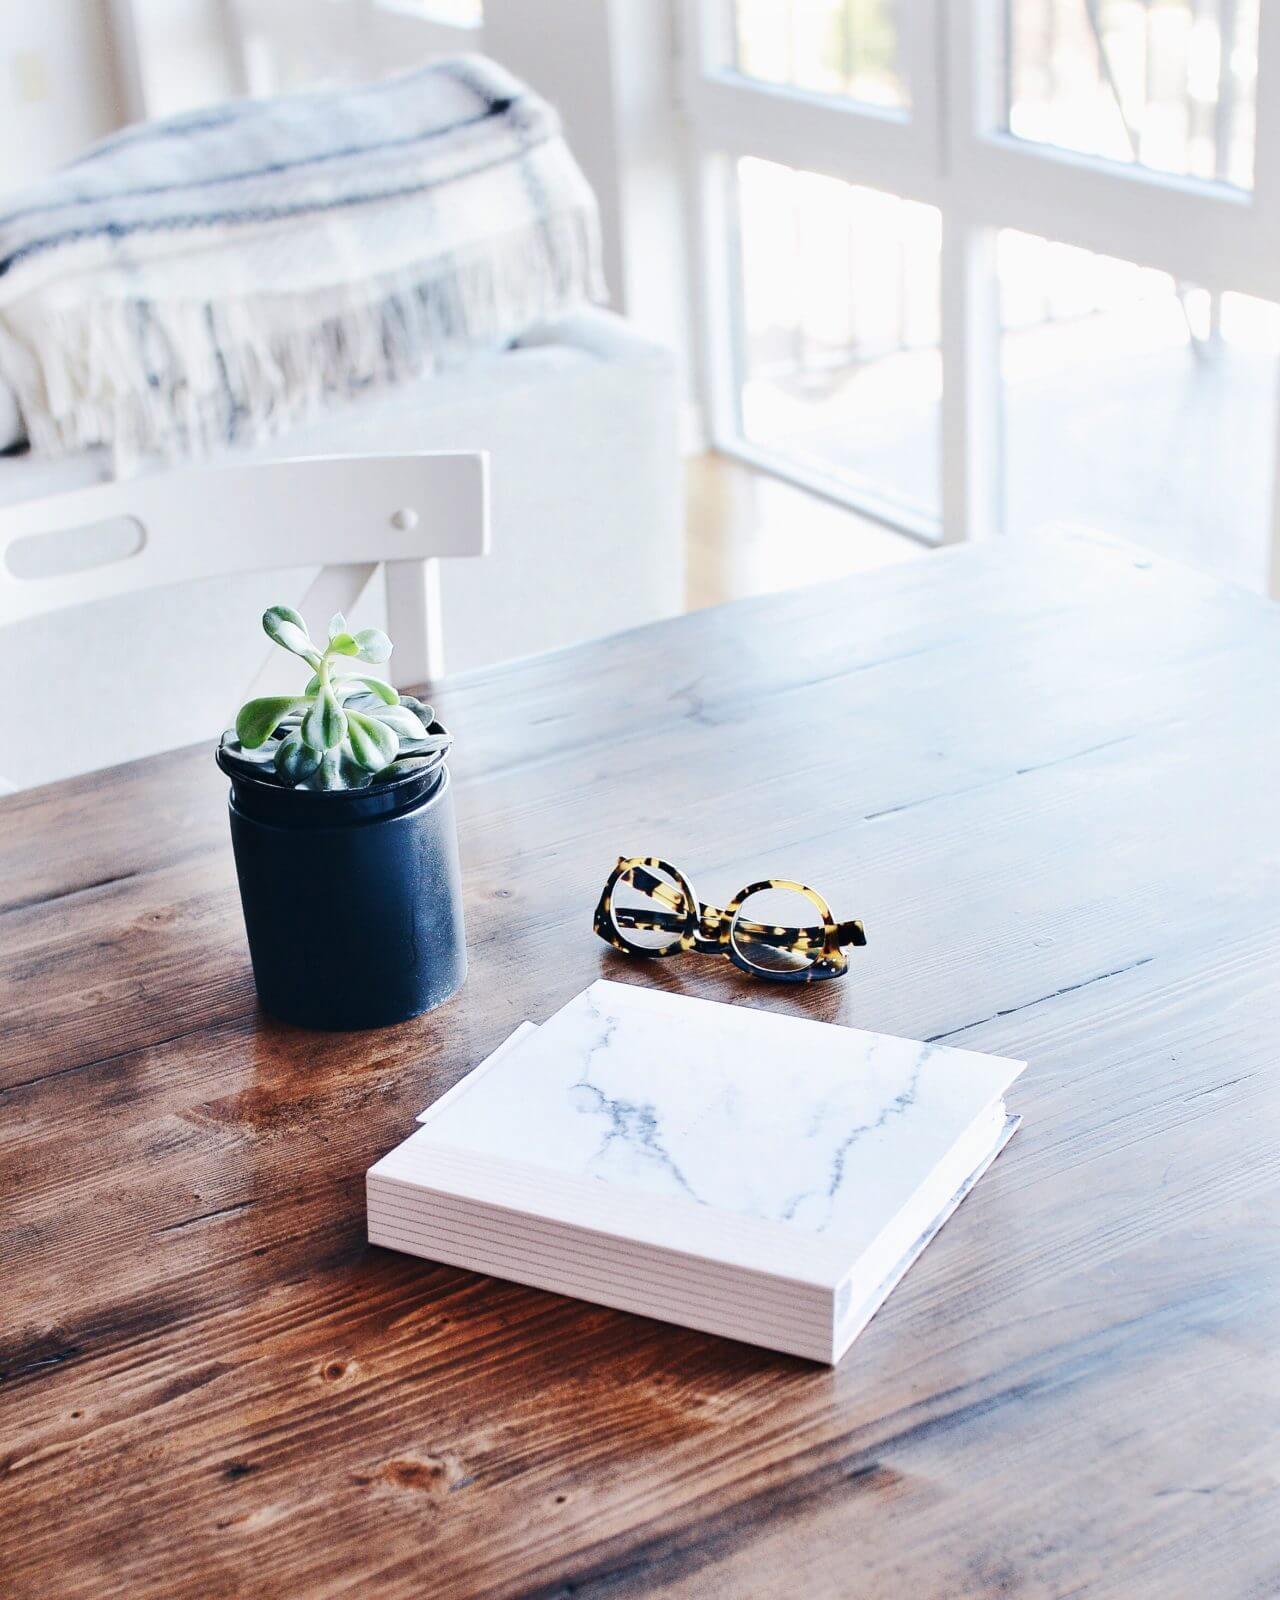 Entretien sols et surfaces avec le savon noir ménager